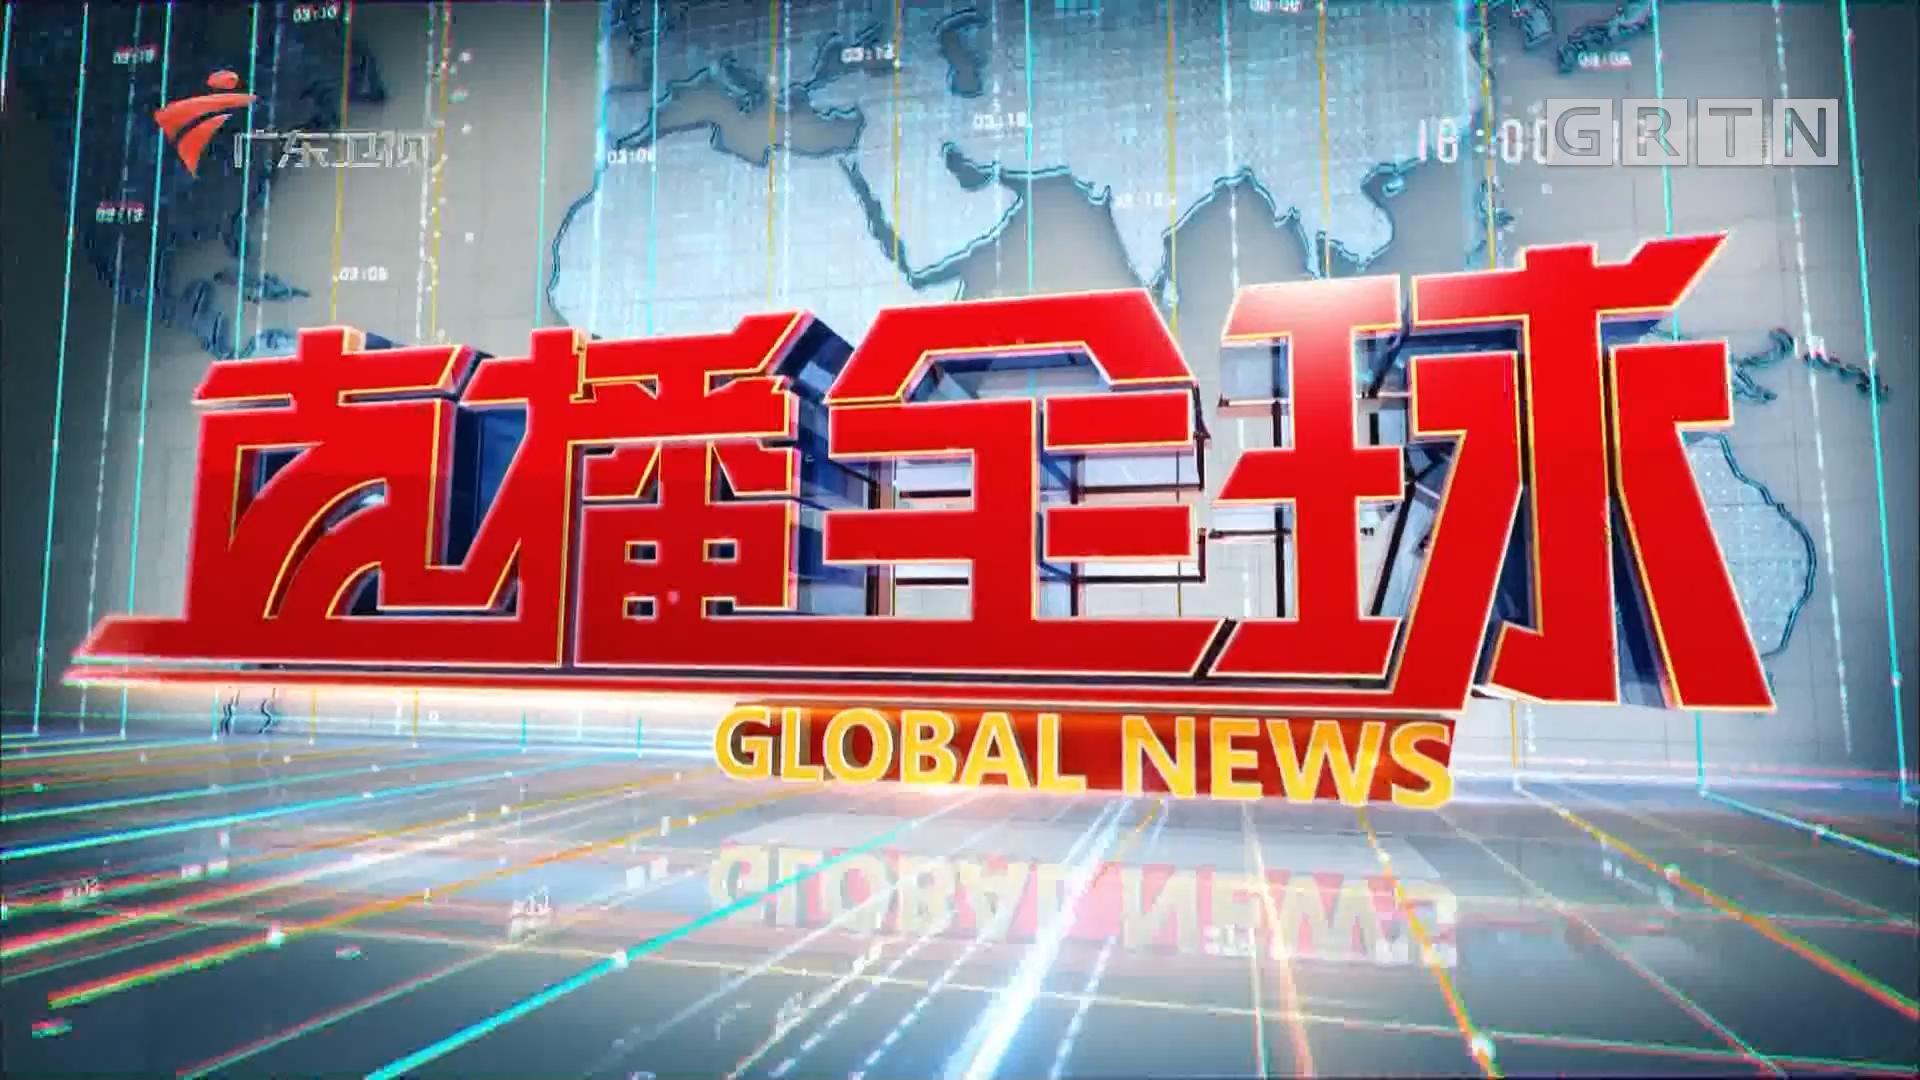 [HD][2019-05-20]直播全球:首届粤港澳大湾区媒体峰会在广州举行:黄坤明出席开幕式并讲话